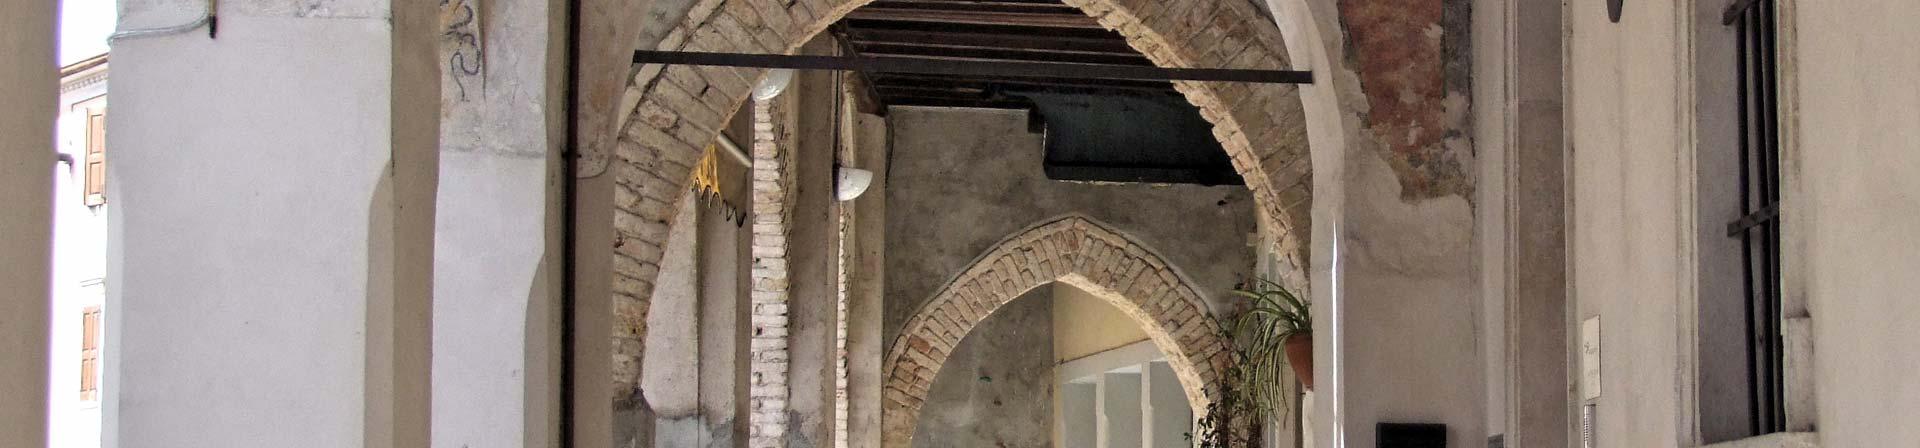 Cosa vedere a Sacile: Ospitale San Gregorio - arcate esterne